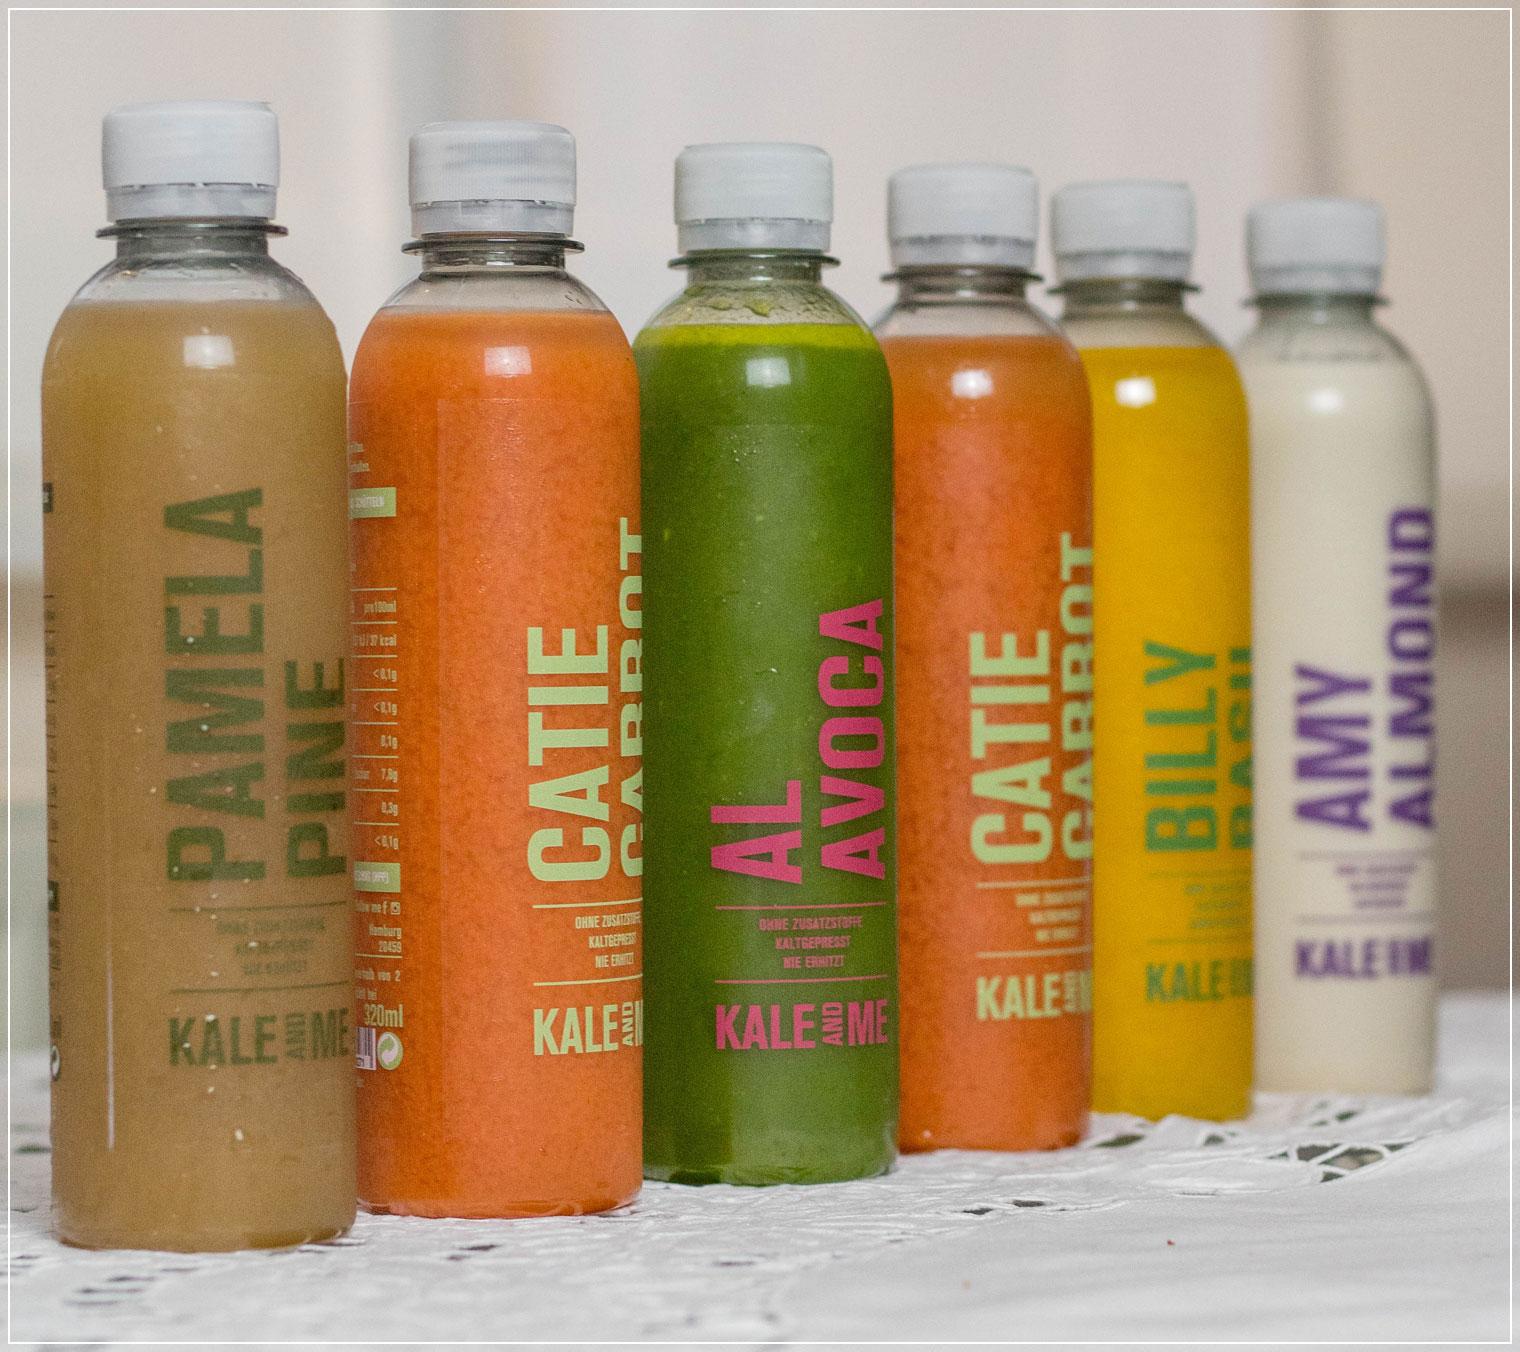 Saftkur, Kale and Me, Hamburger Start-Up, kaltgepresste Säfte, Fit zur Hochzeit, gesunde Ernährung, Detox, Foodblogger, Ruhrgebiet, Bloggerfood, Bloggerfood